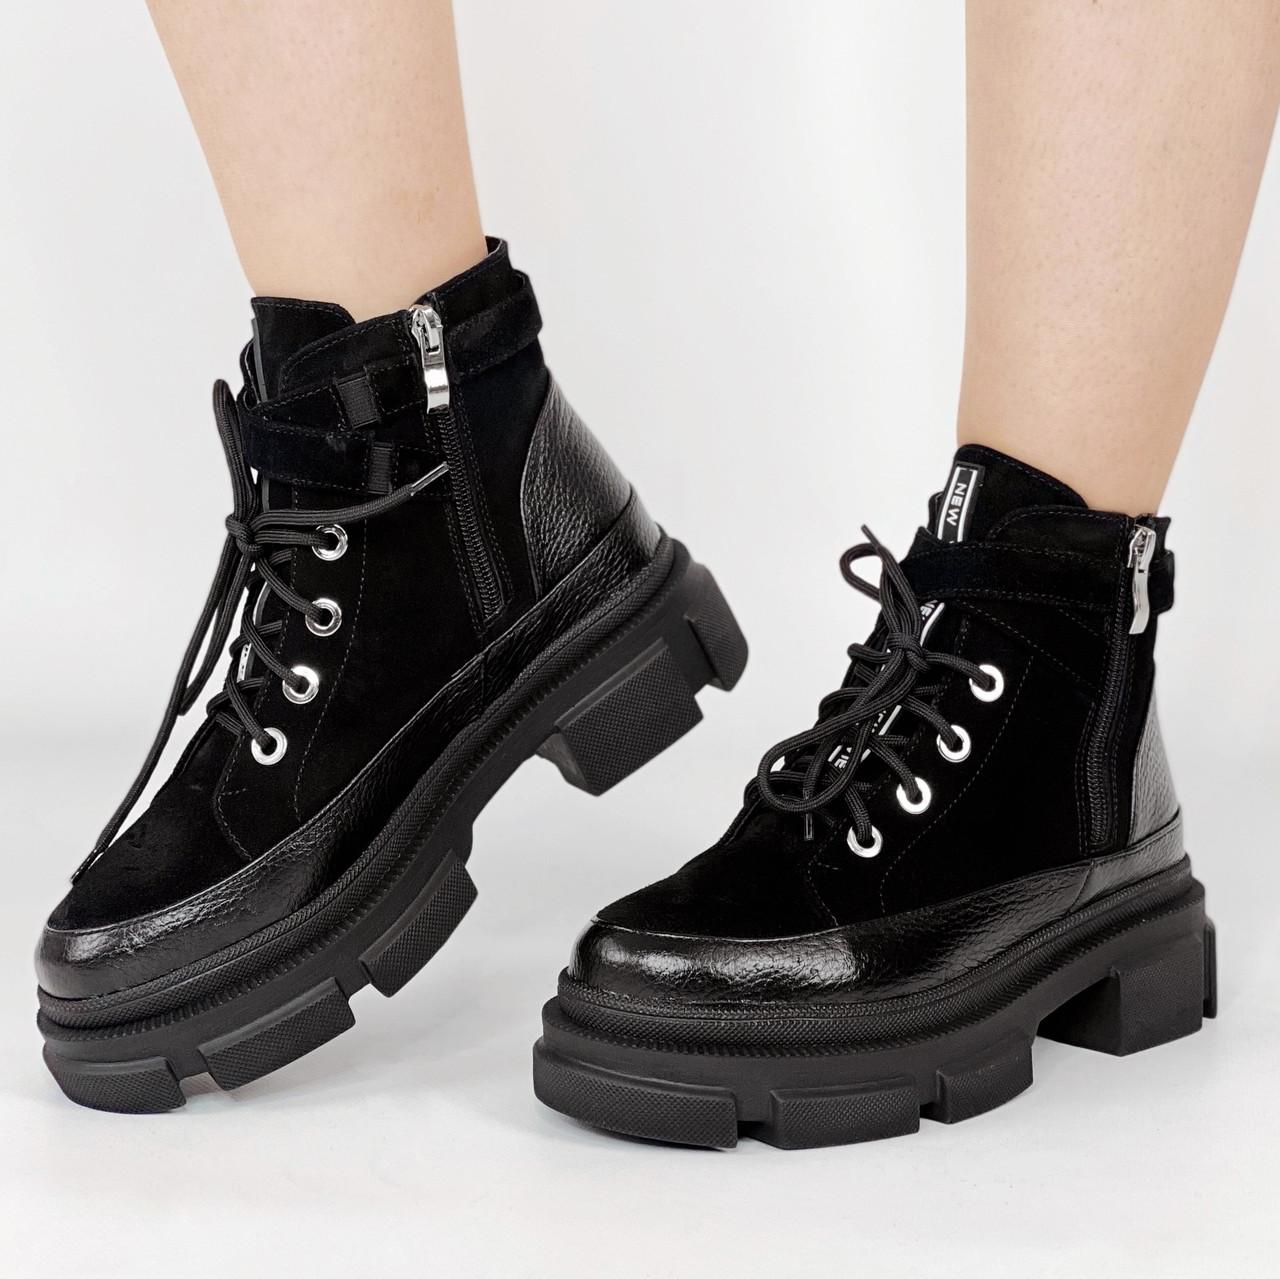 Черевики жіночі замшеві короткі чорні на шнурках MORENTO зимові